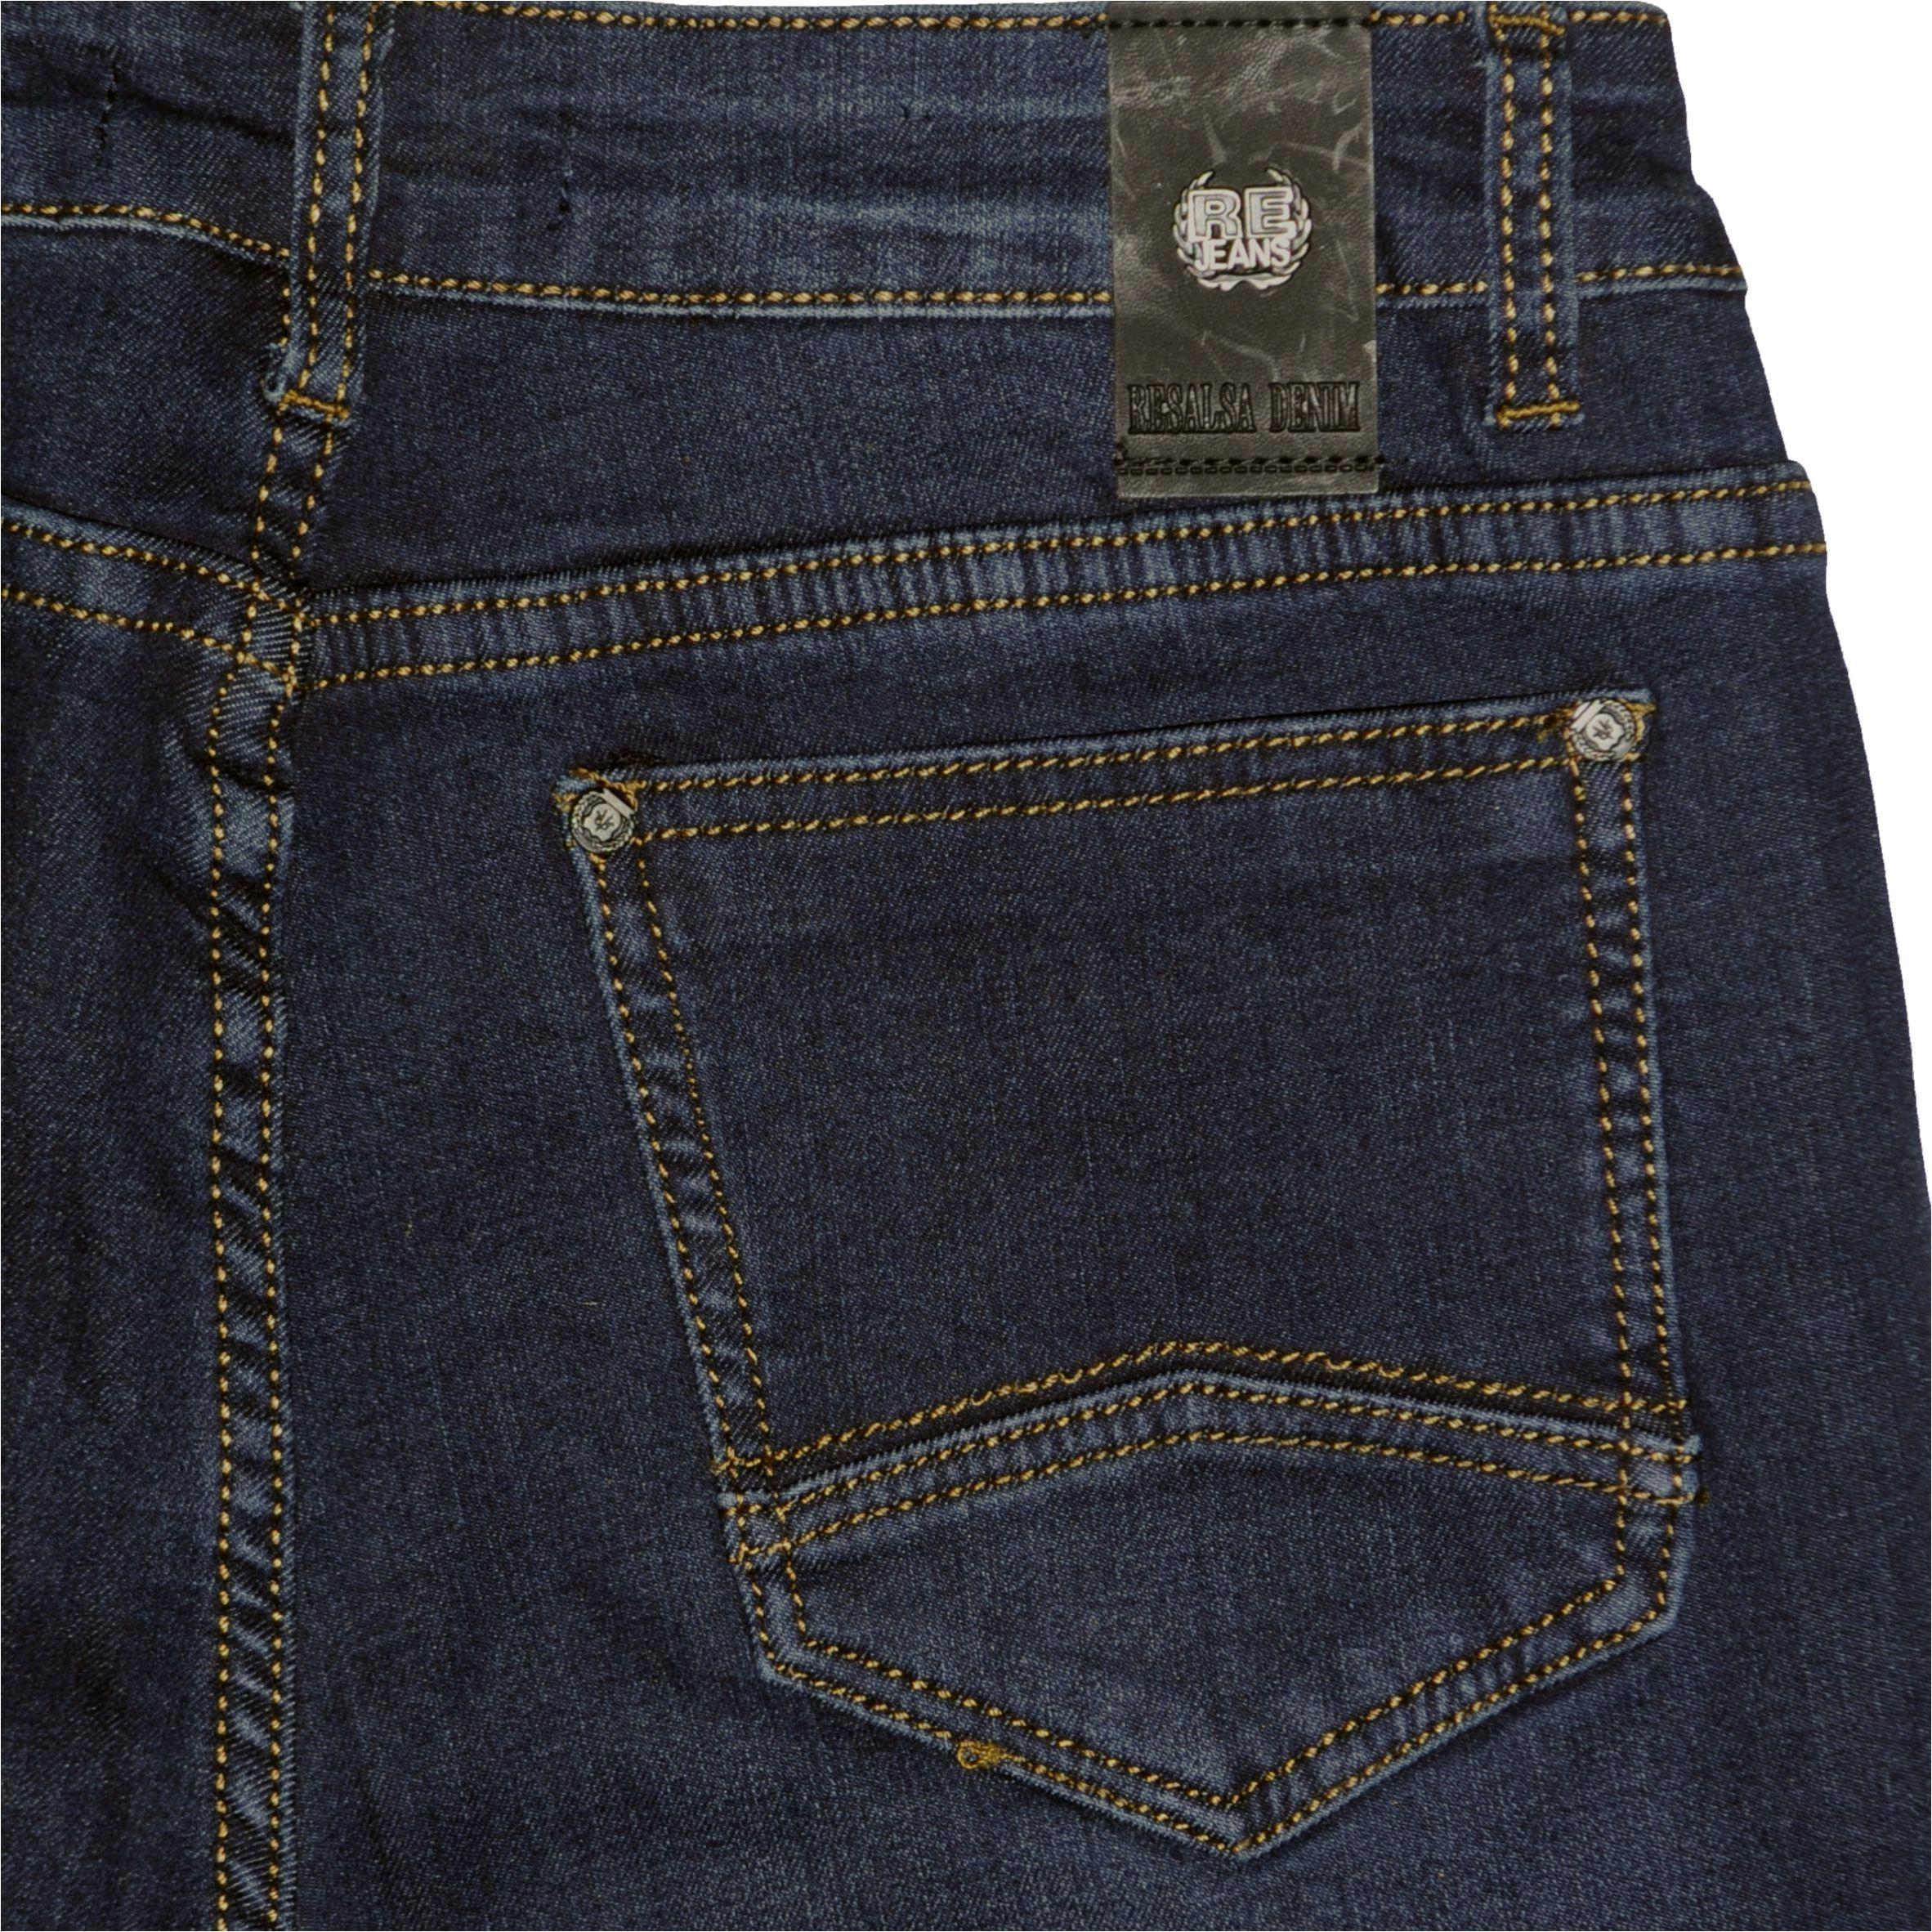 b21c3224a8 ... Nadrág Resalsa® Jeans 6145 Bélelt szűk szárú farmernadrág